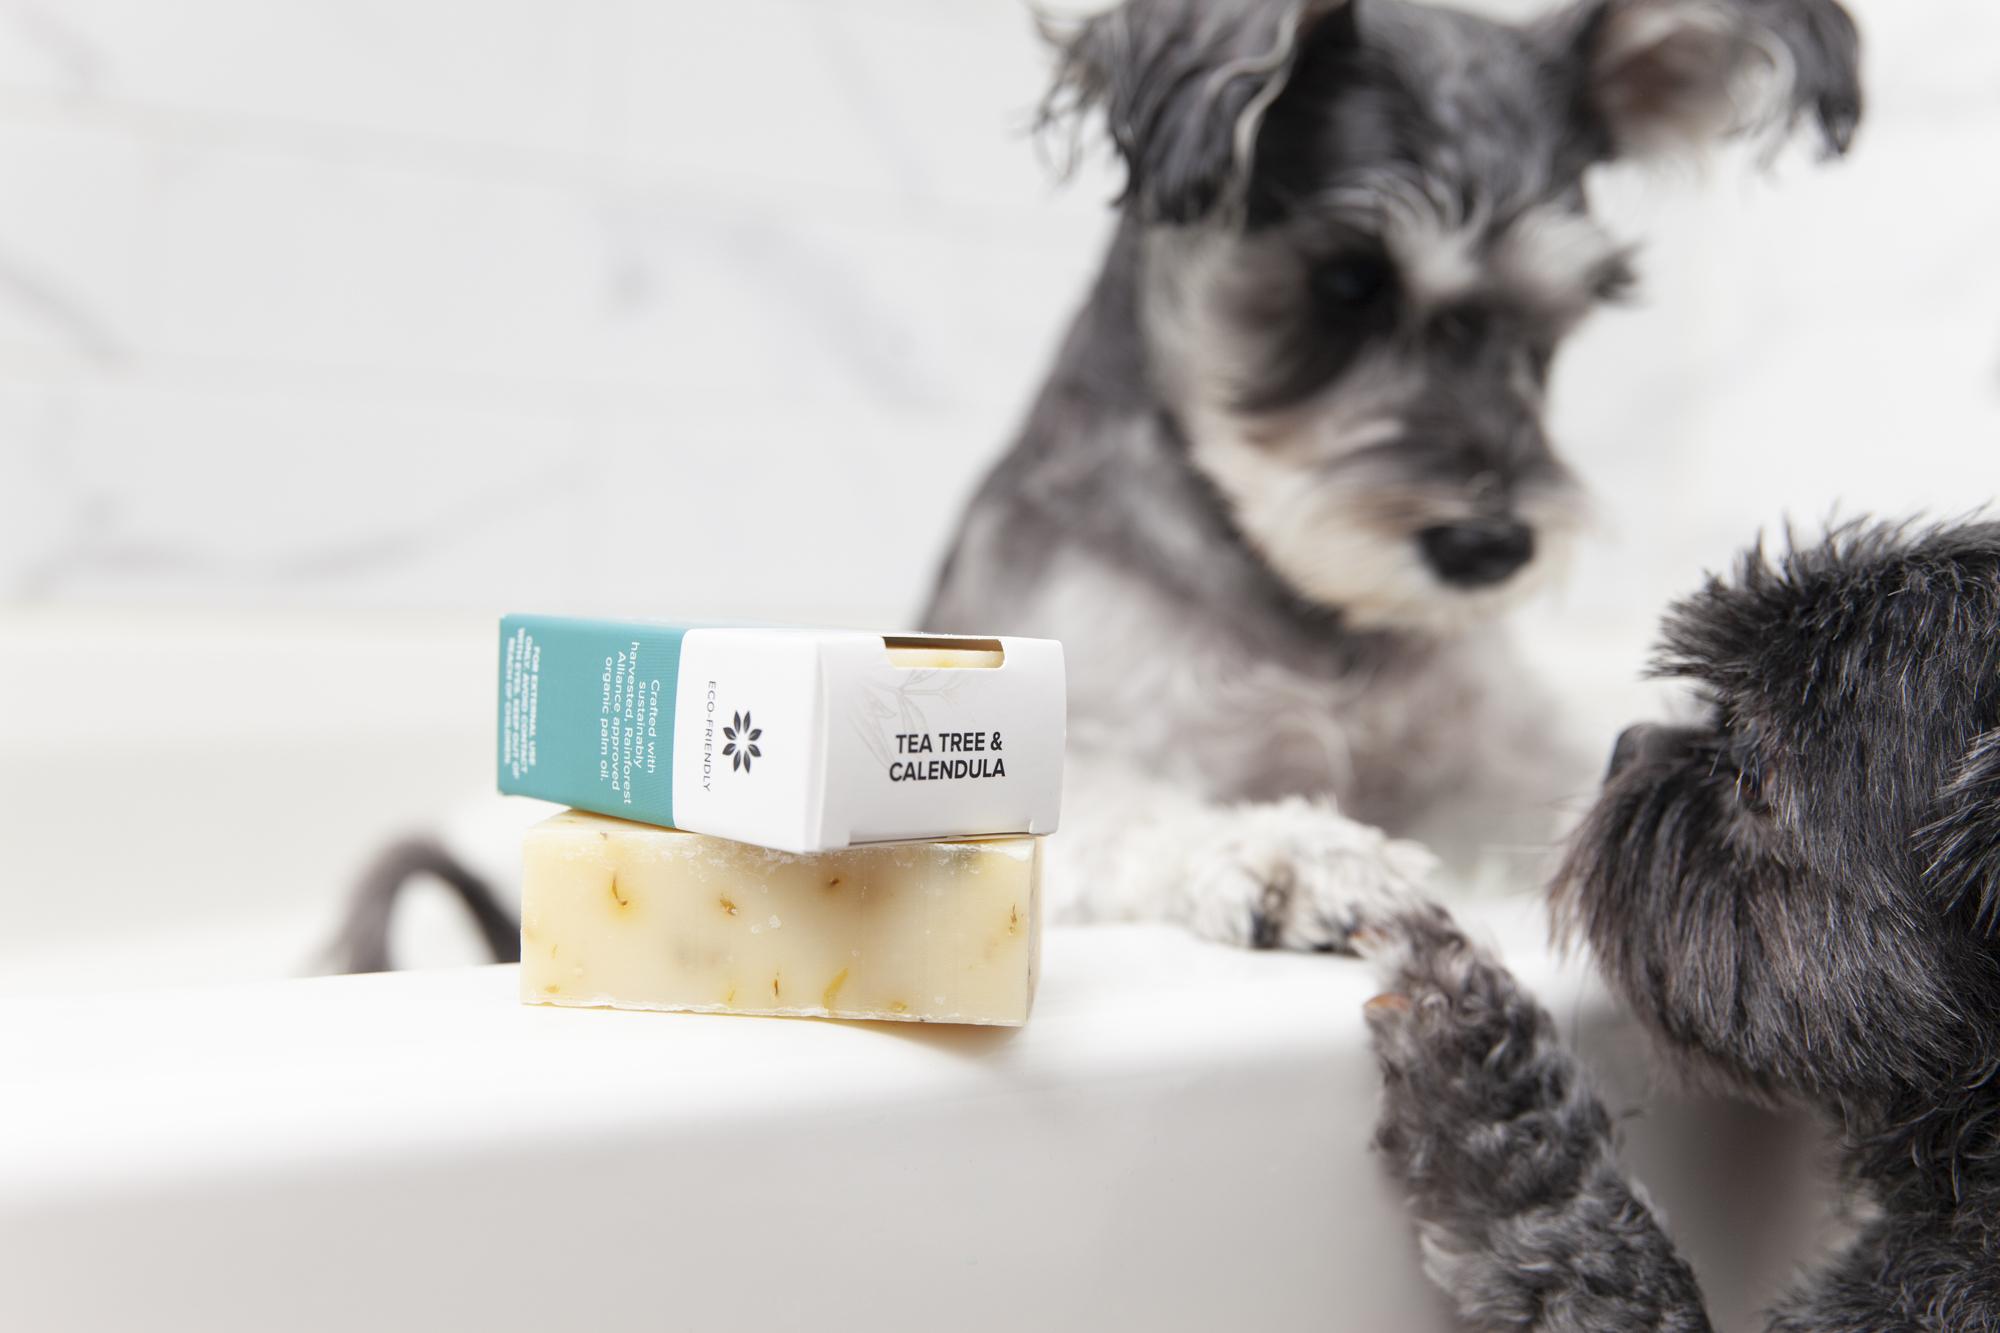 Puppies in a bath tub